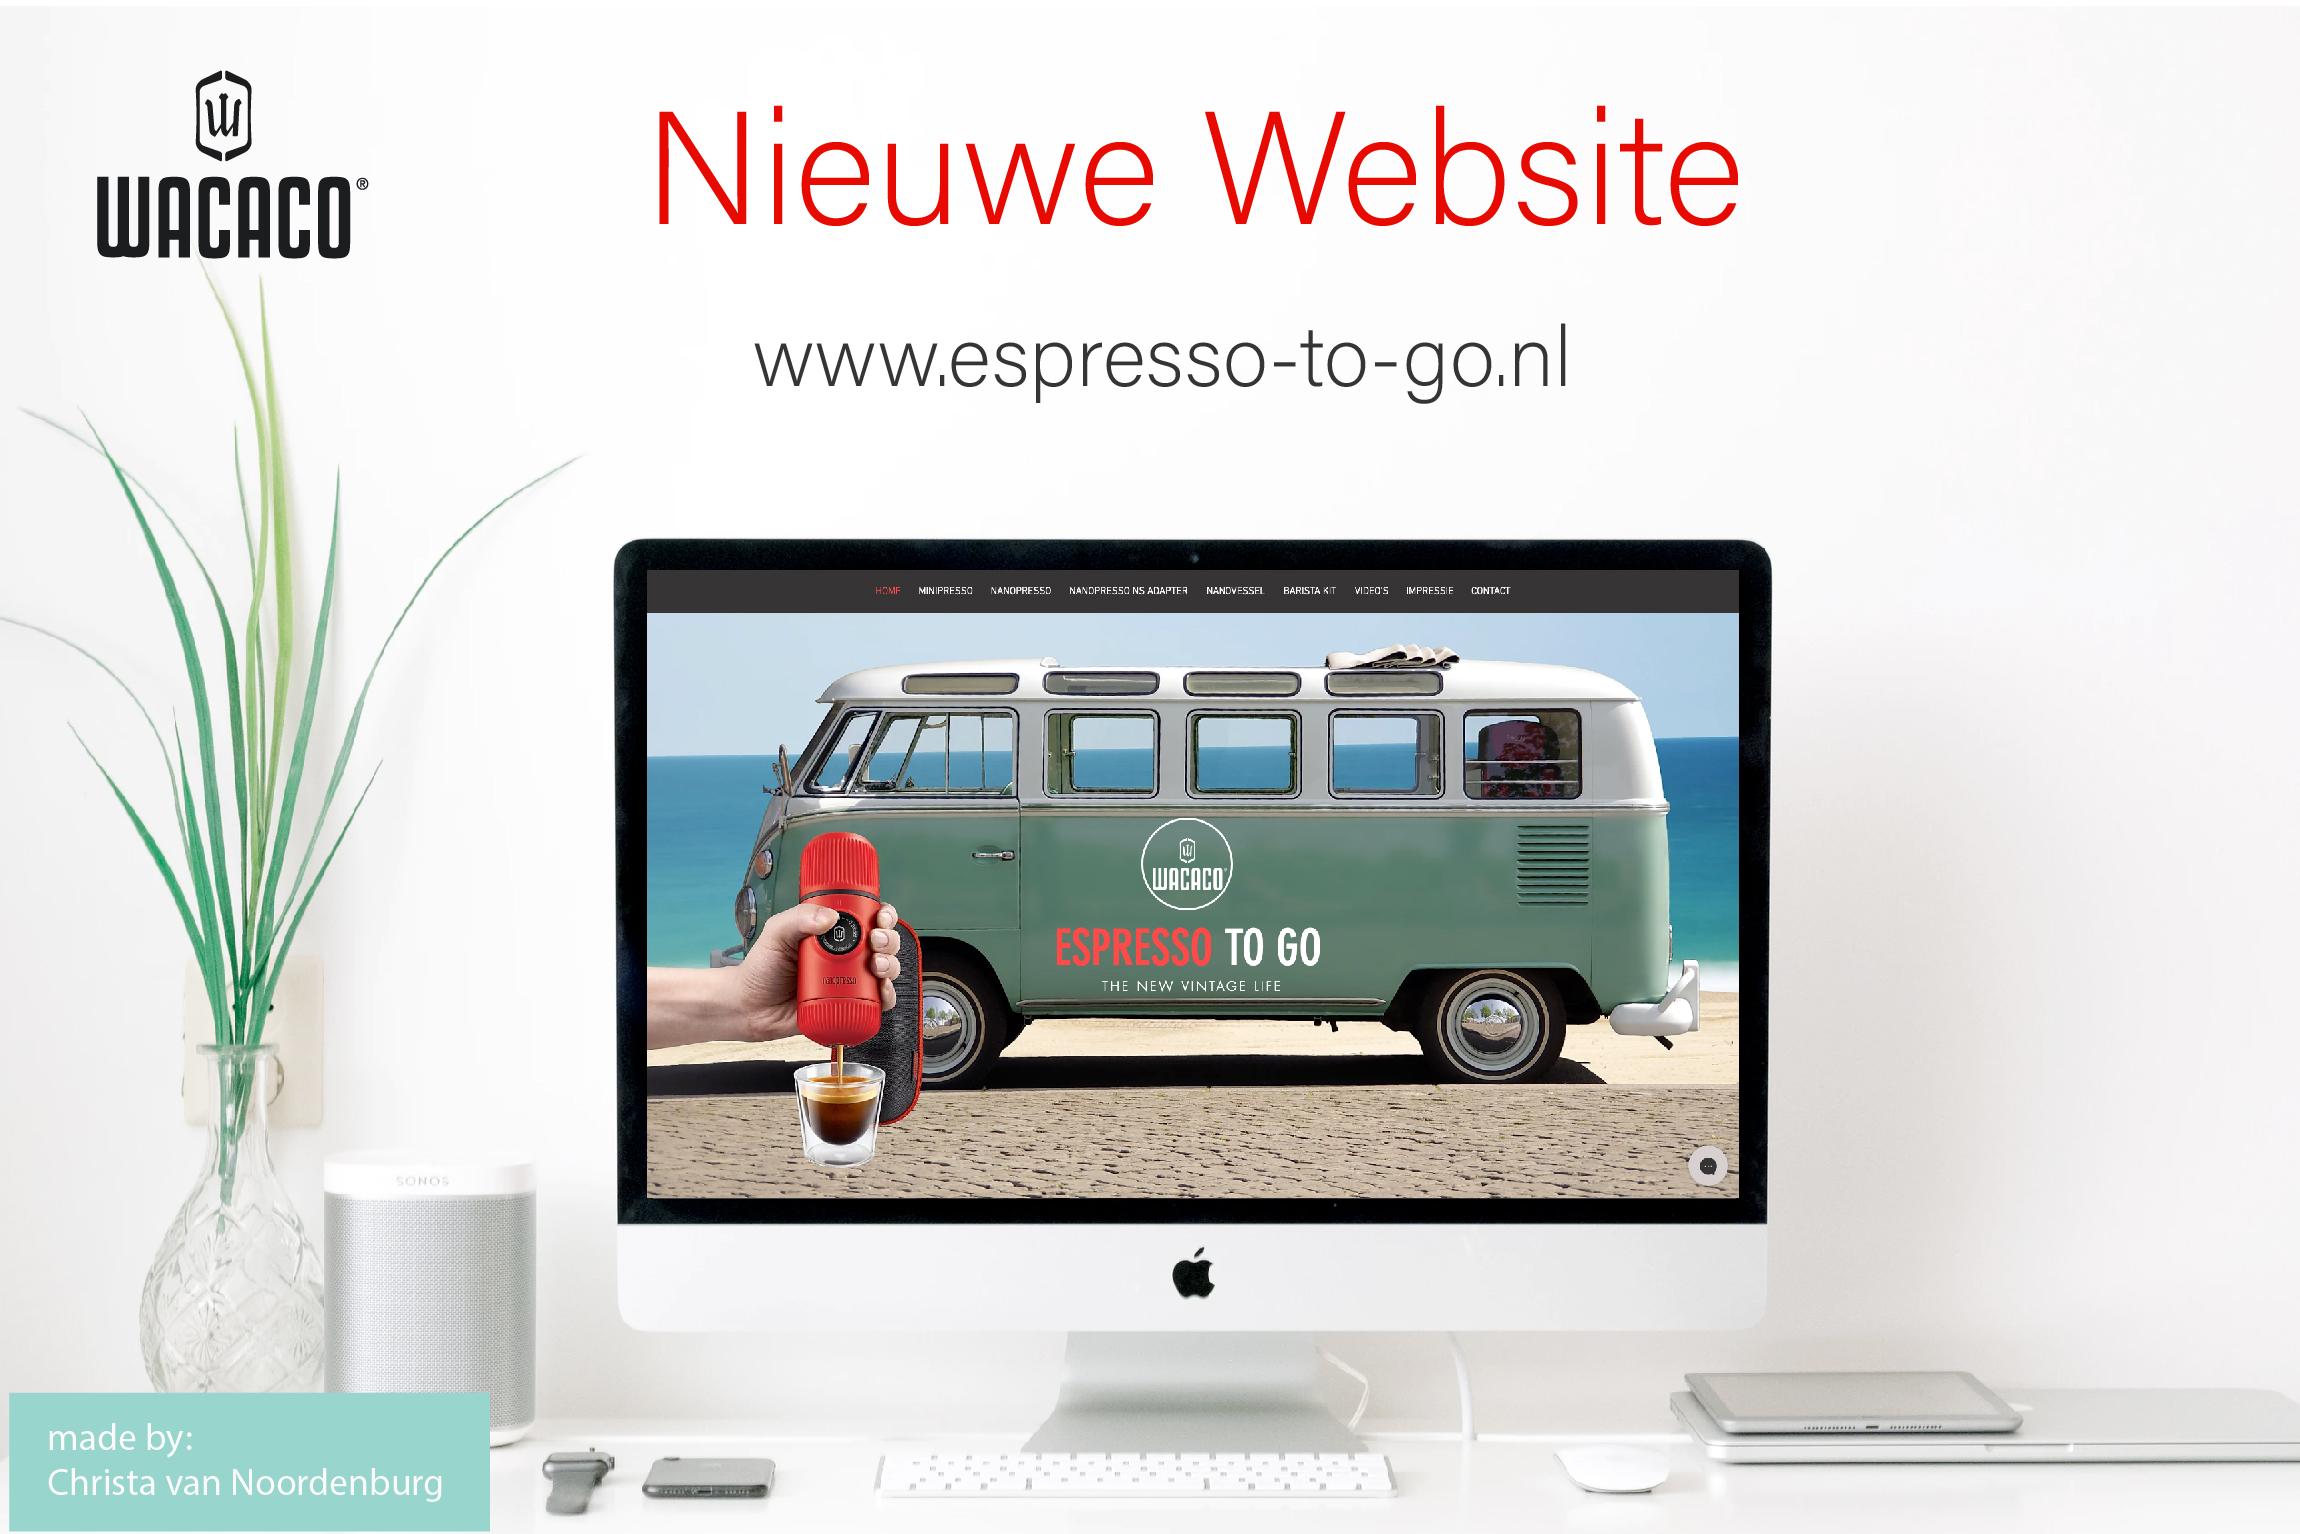 espresso-to-go-2